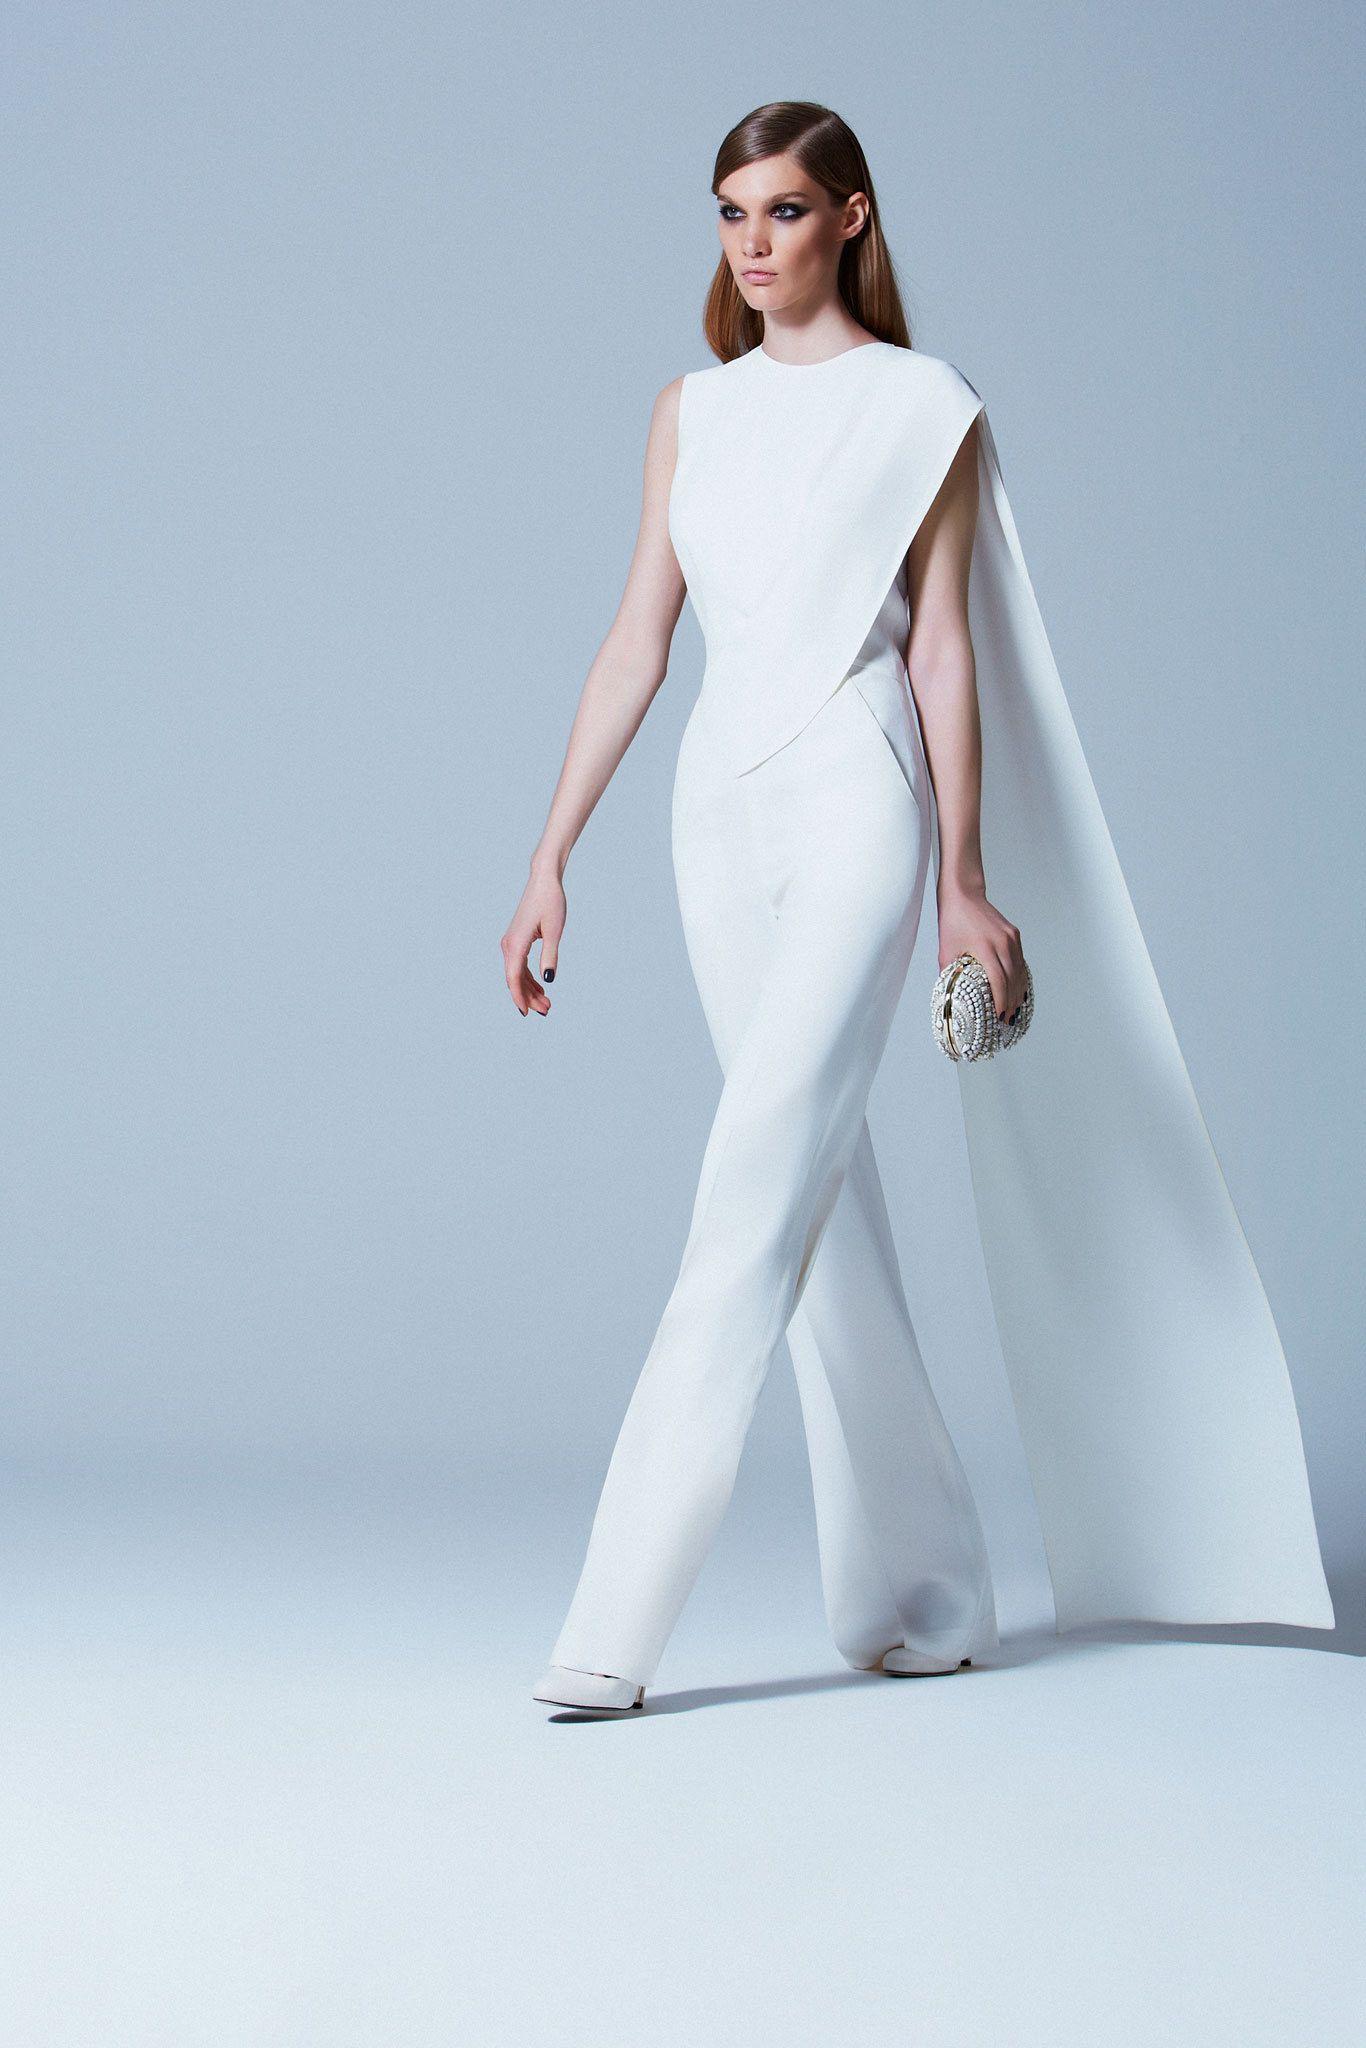 Elie saab prefall fashion show elie saab catwalk fashion